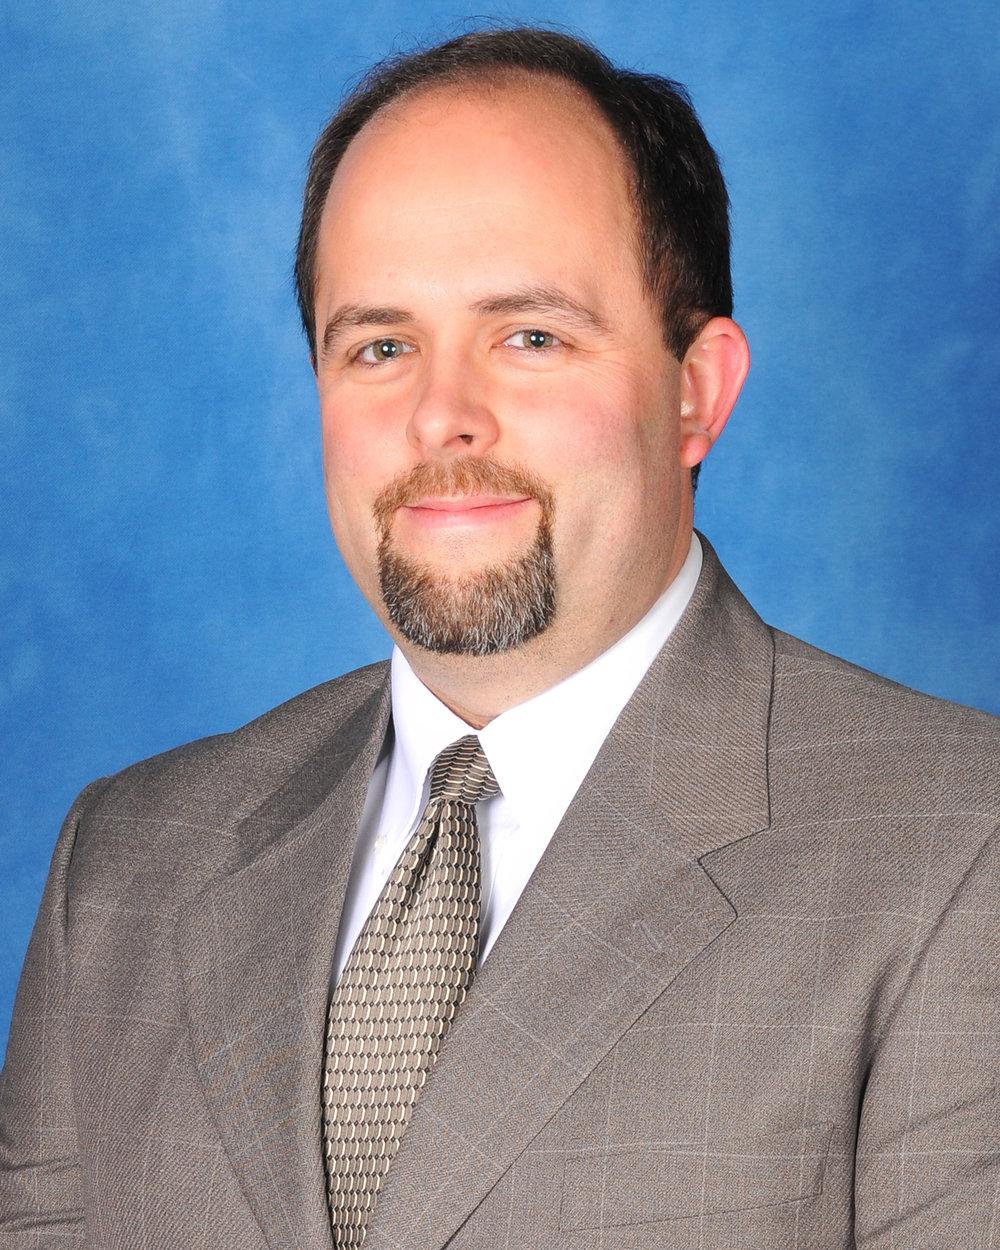 Brian Koral